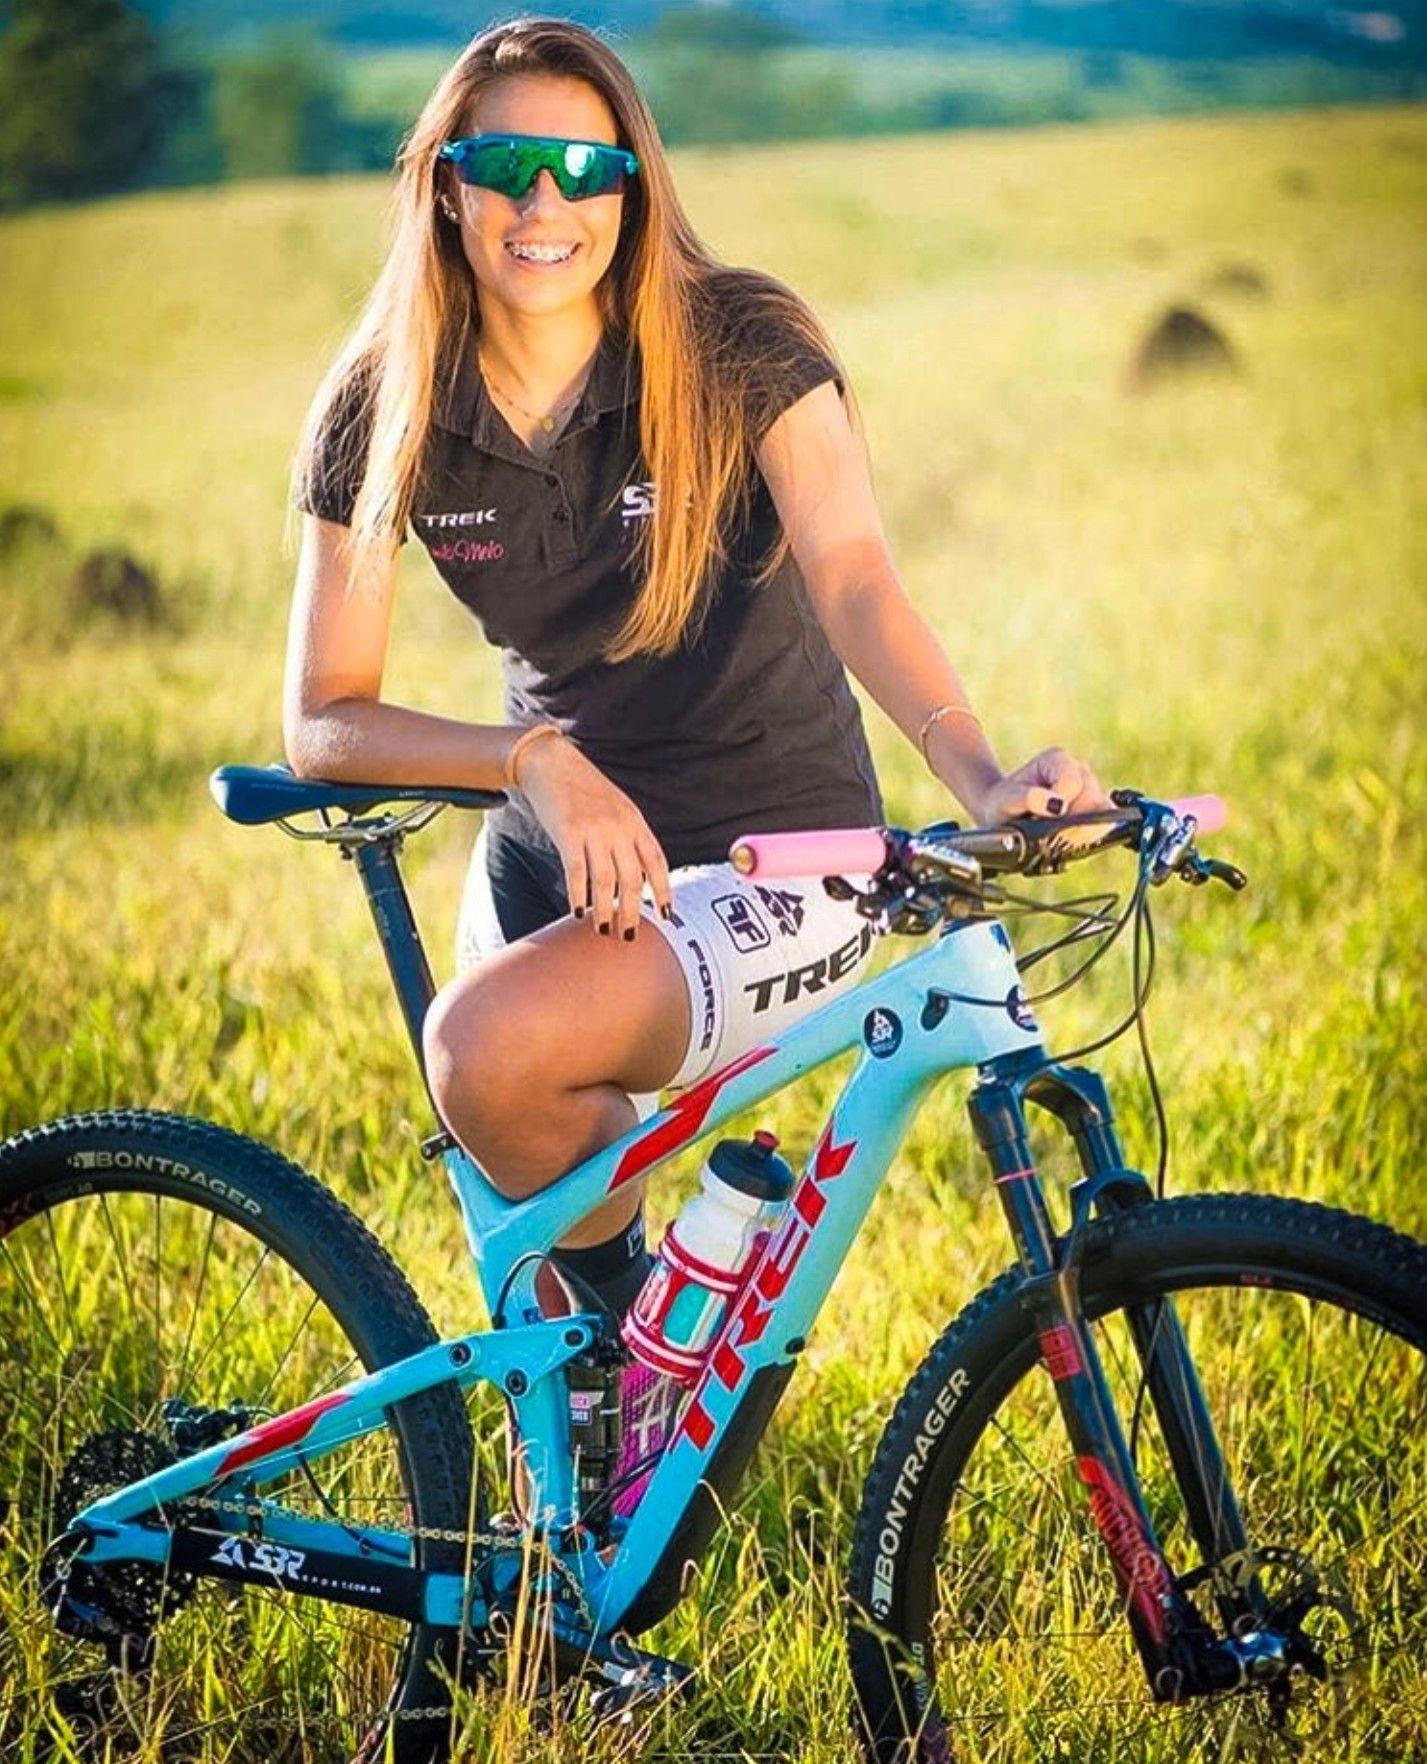 Yellow Trek Bike : yellow, Bikes, Babes